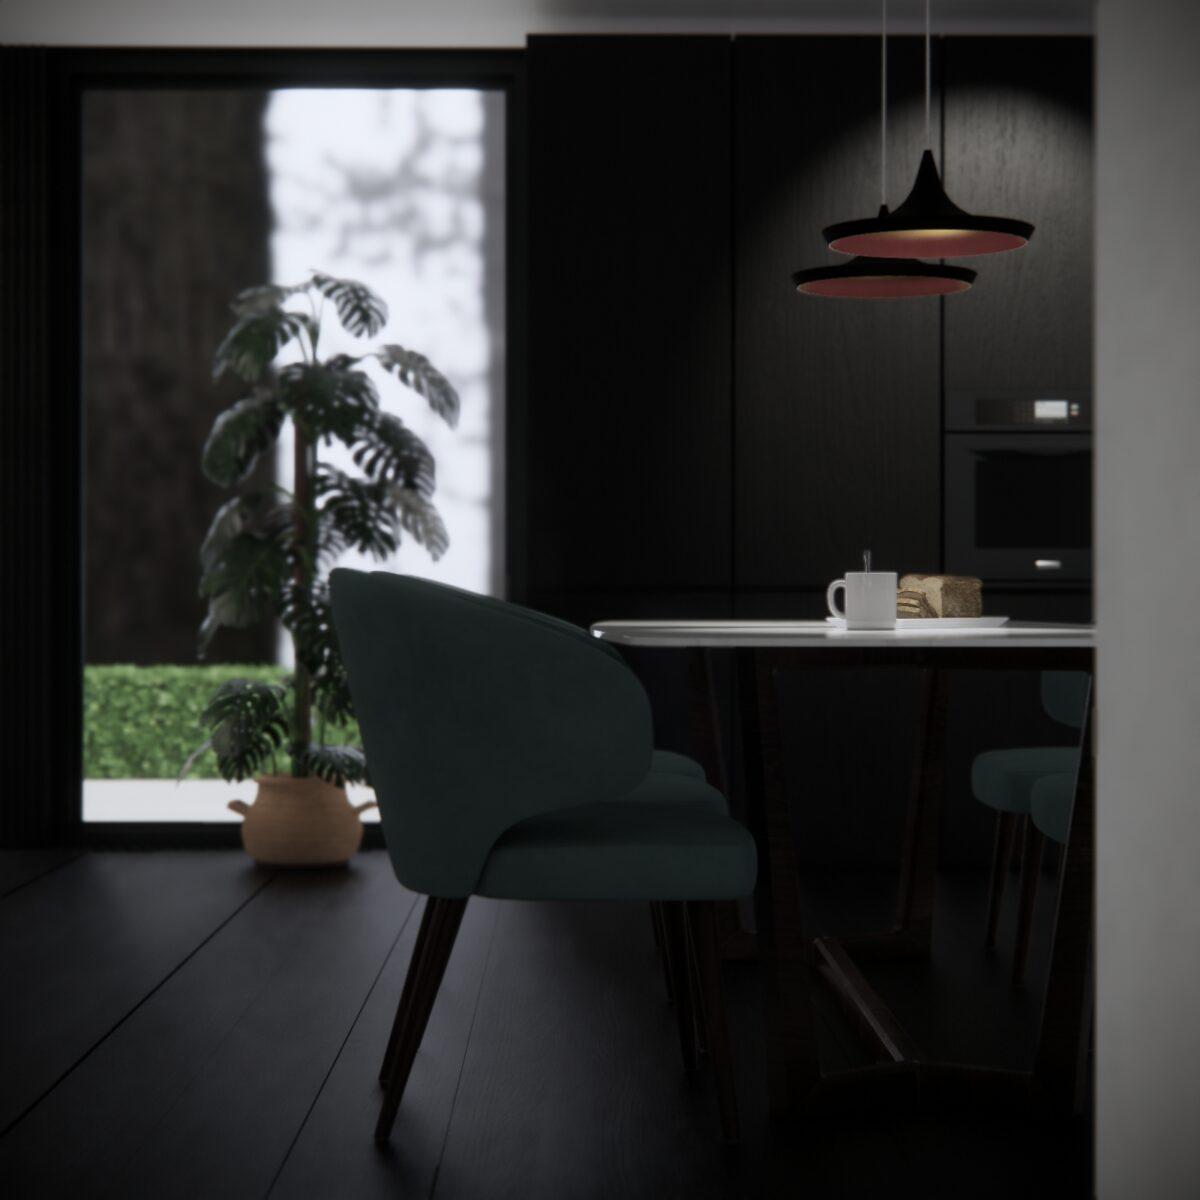 black and white interiors